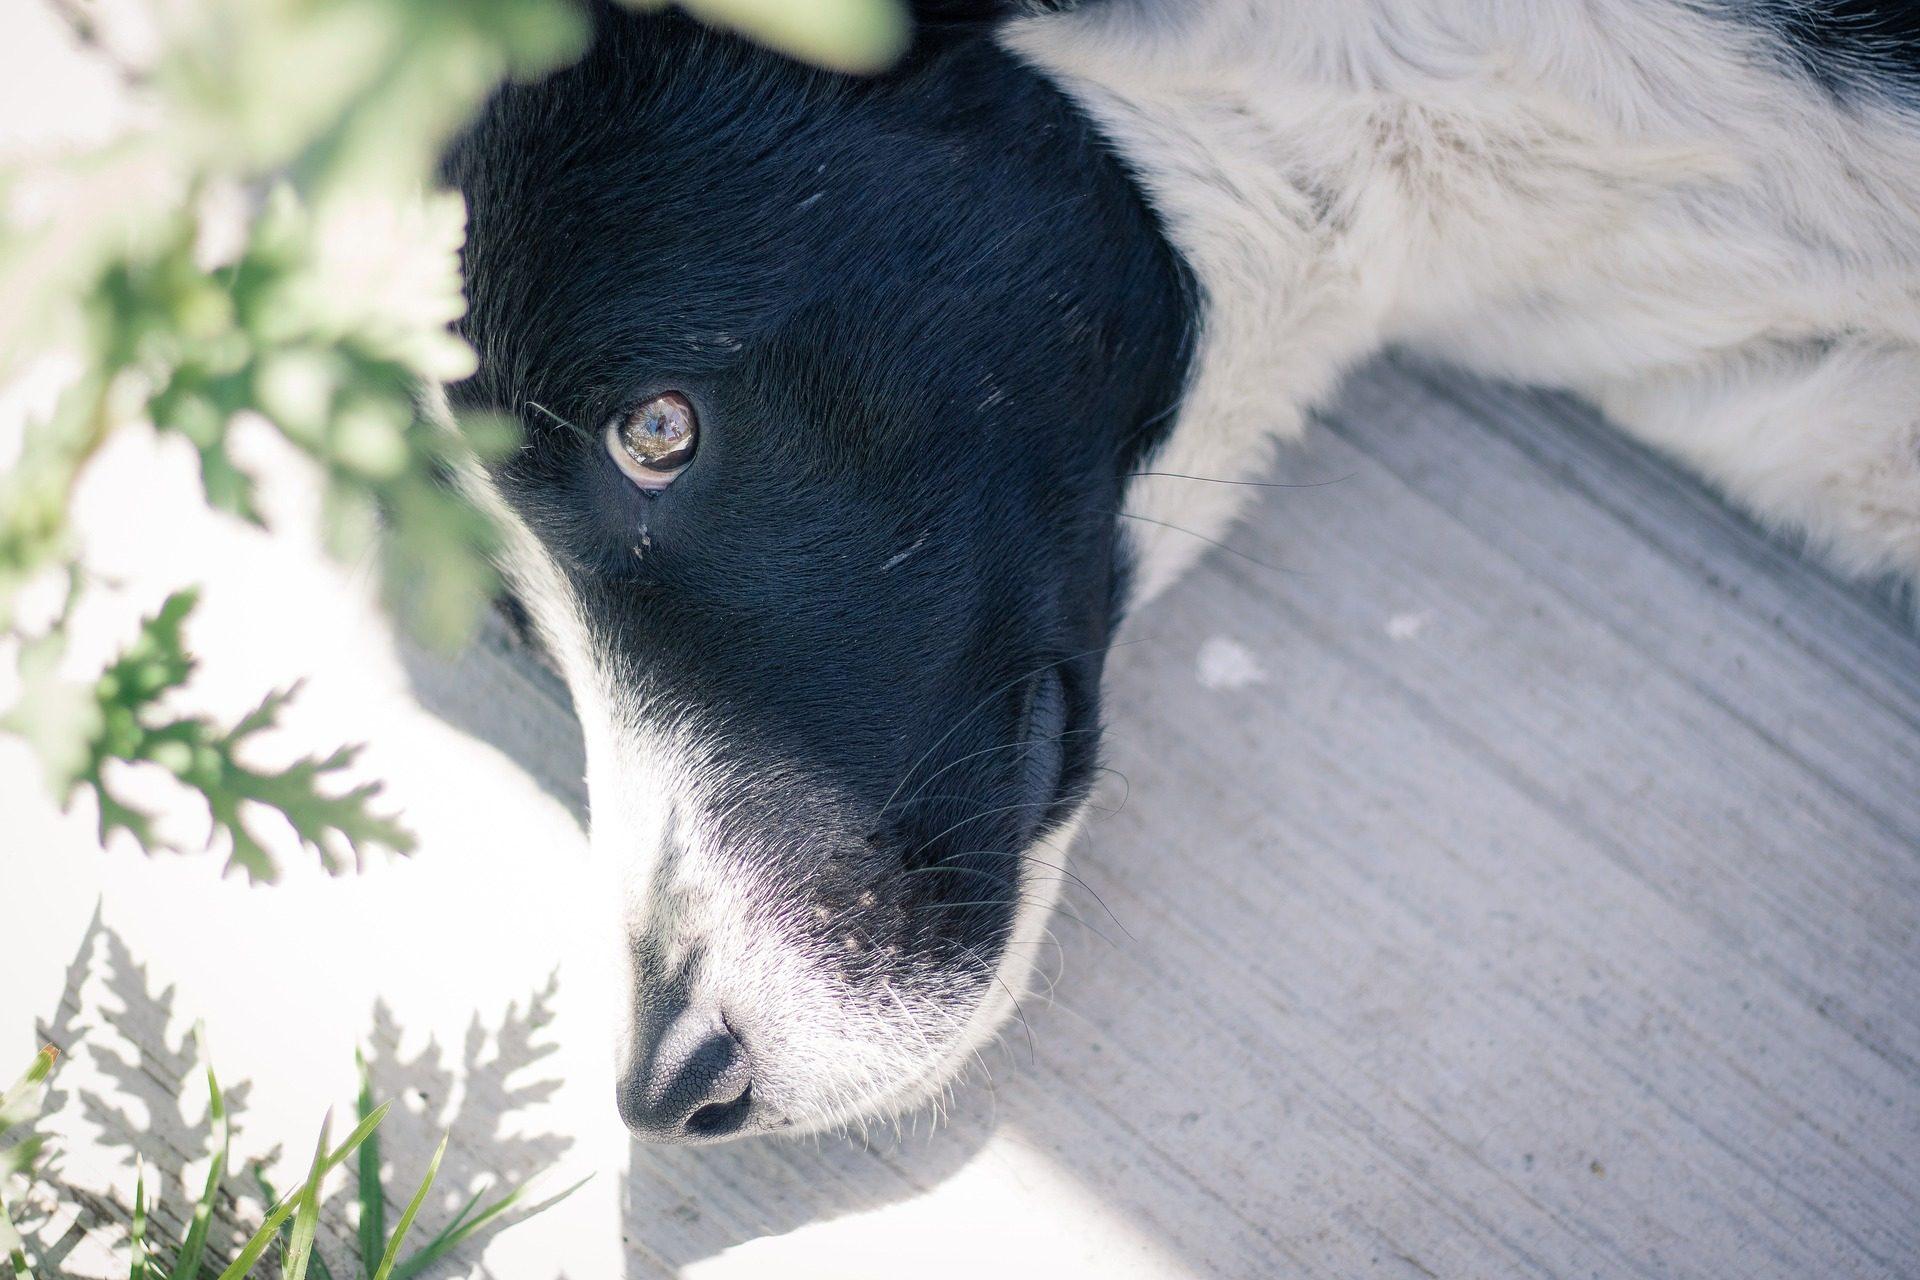 Hund, Haustier, Freund, Rest, Entspannen Sie sich, Blick - Wallpaper HD - Prof.-falken.com